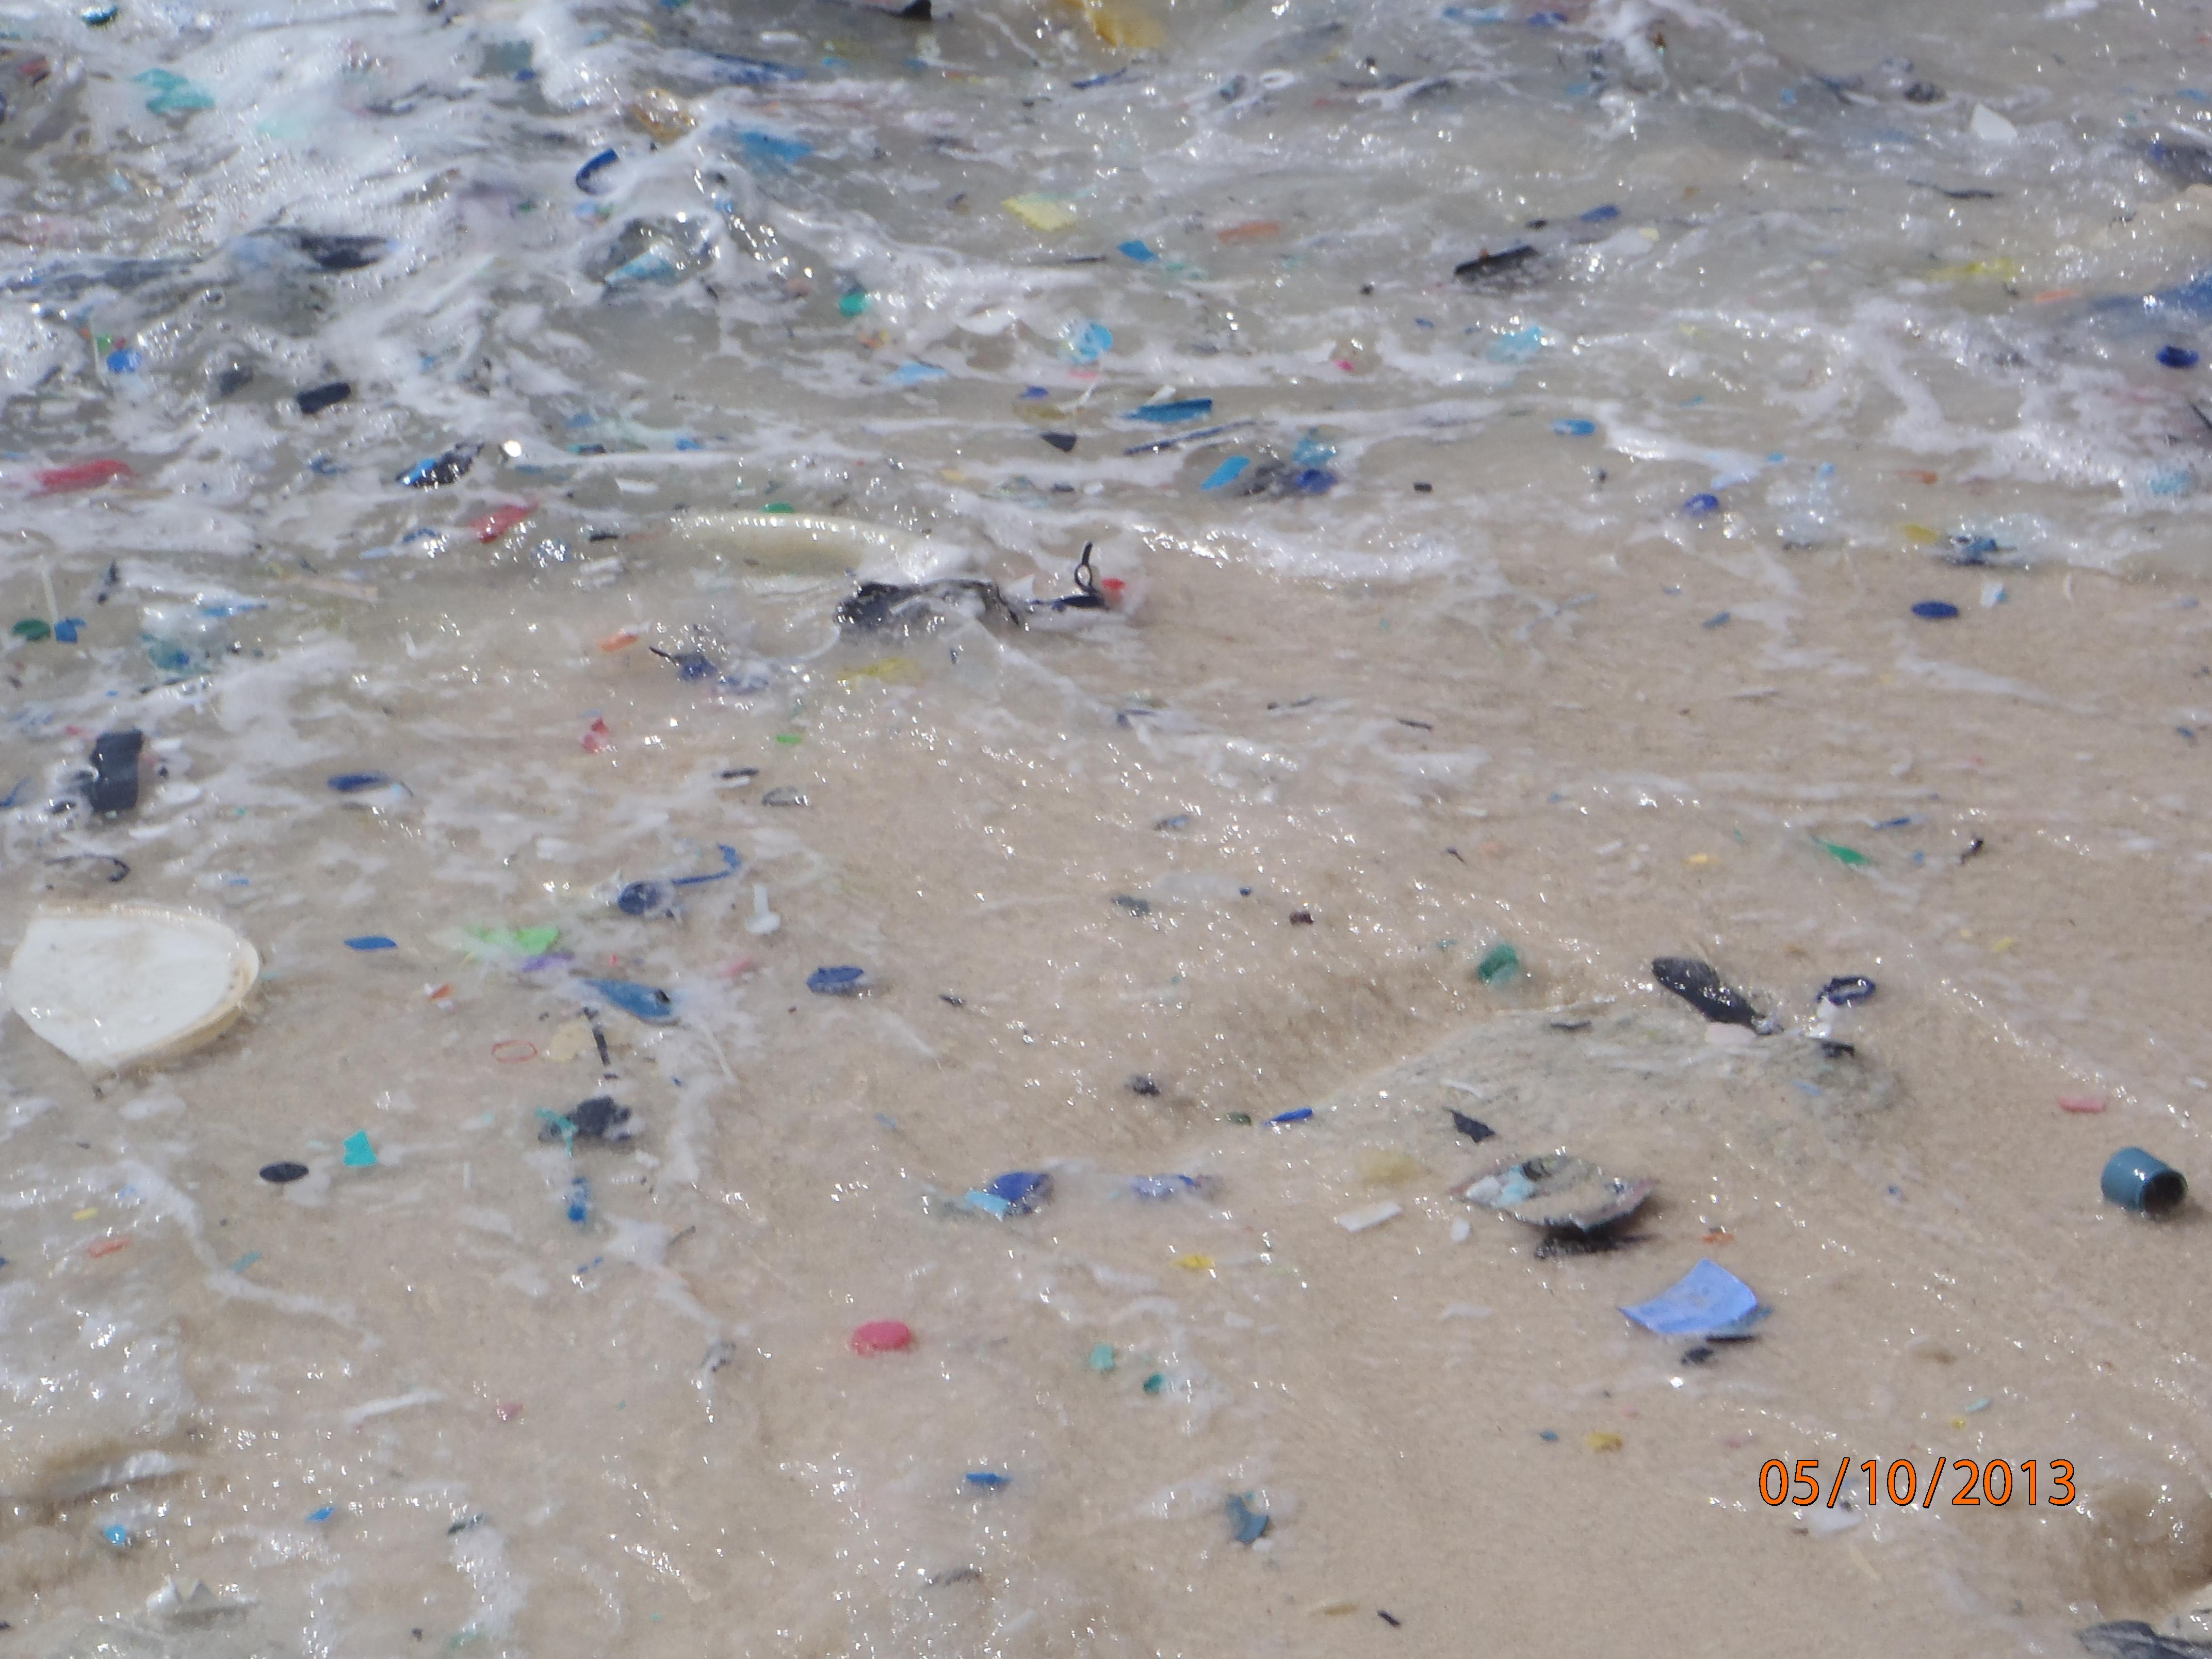 Fragmentos de plástico en la Isla Navidad. Imagen: B. D. Hardesty. Fuente: Csiro.